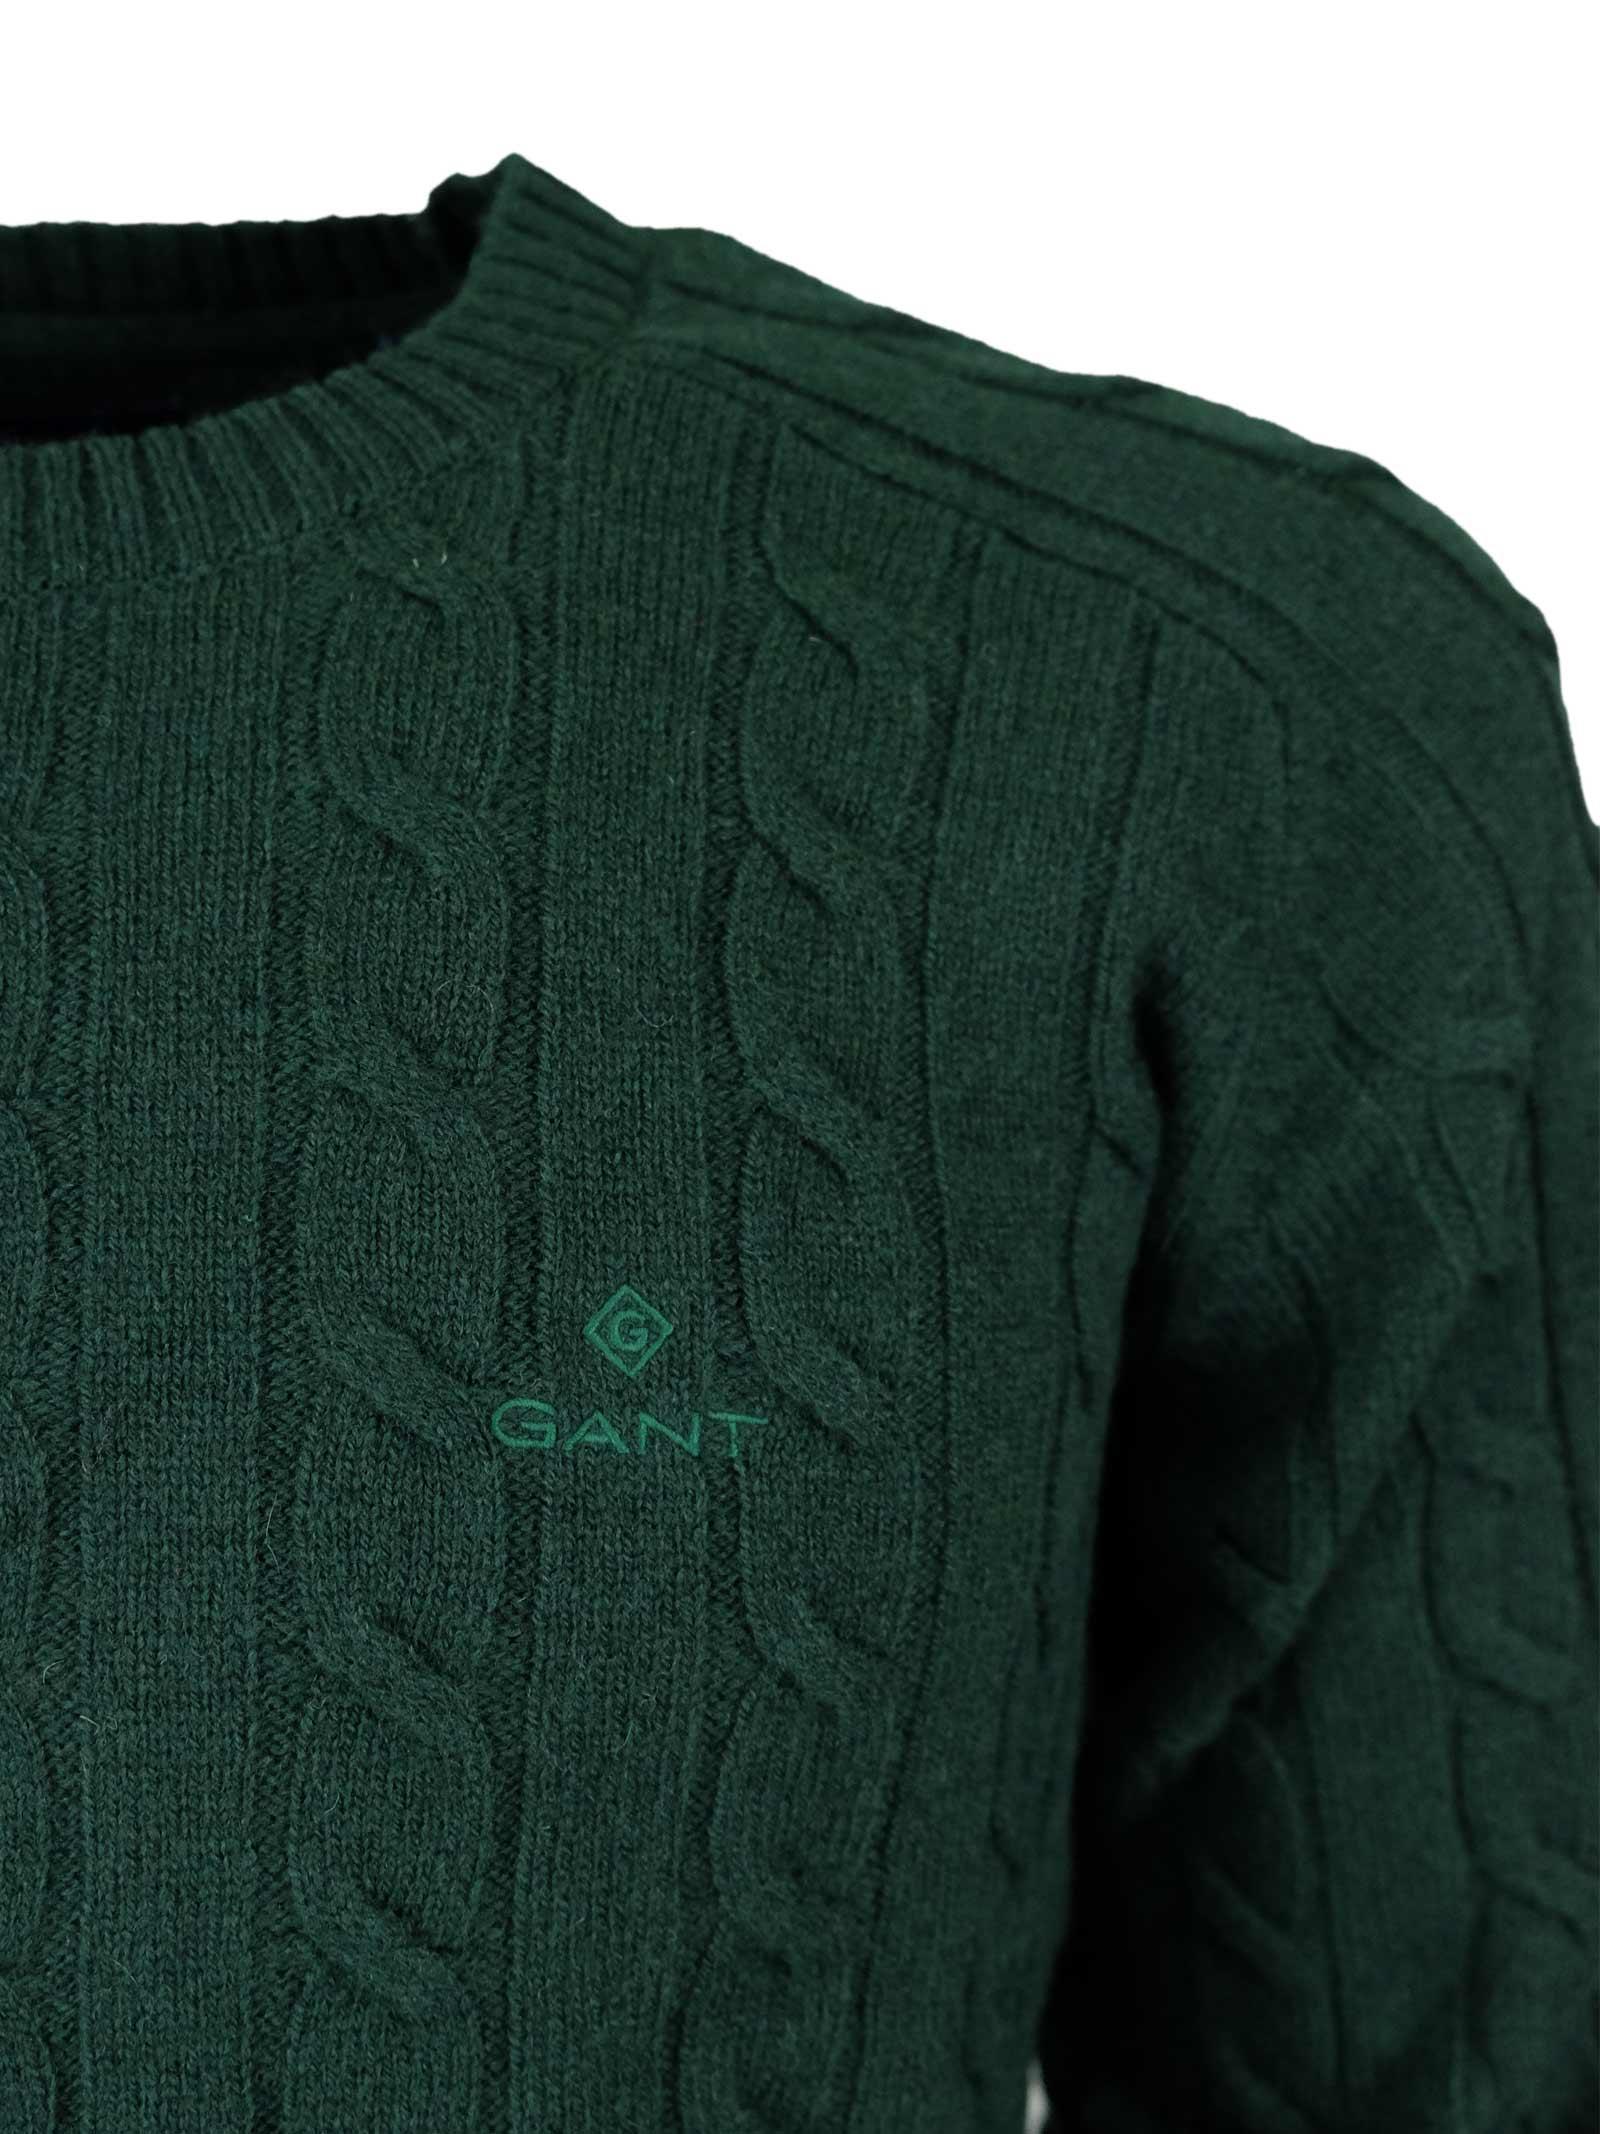 pullover girocollo GANT | Maglieria | 8050076374